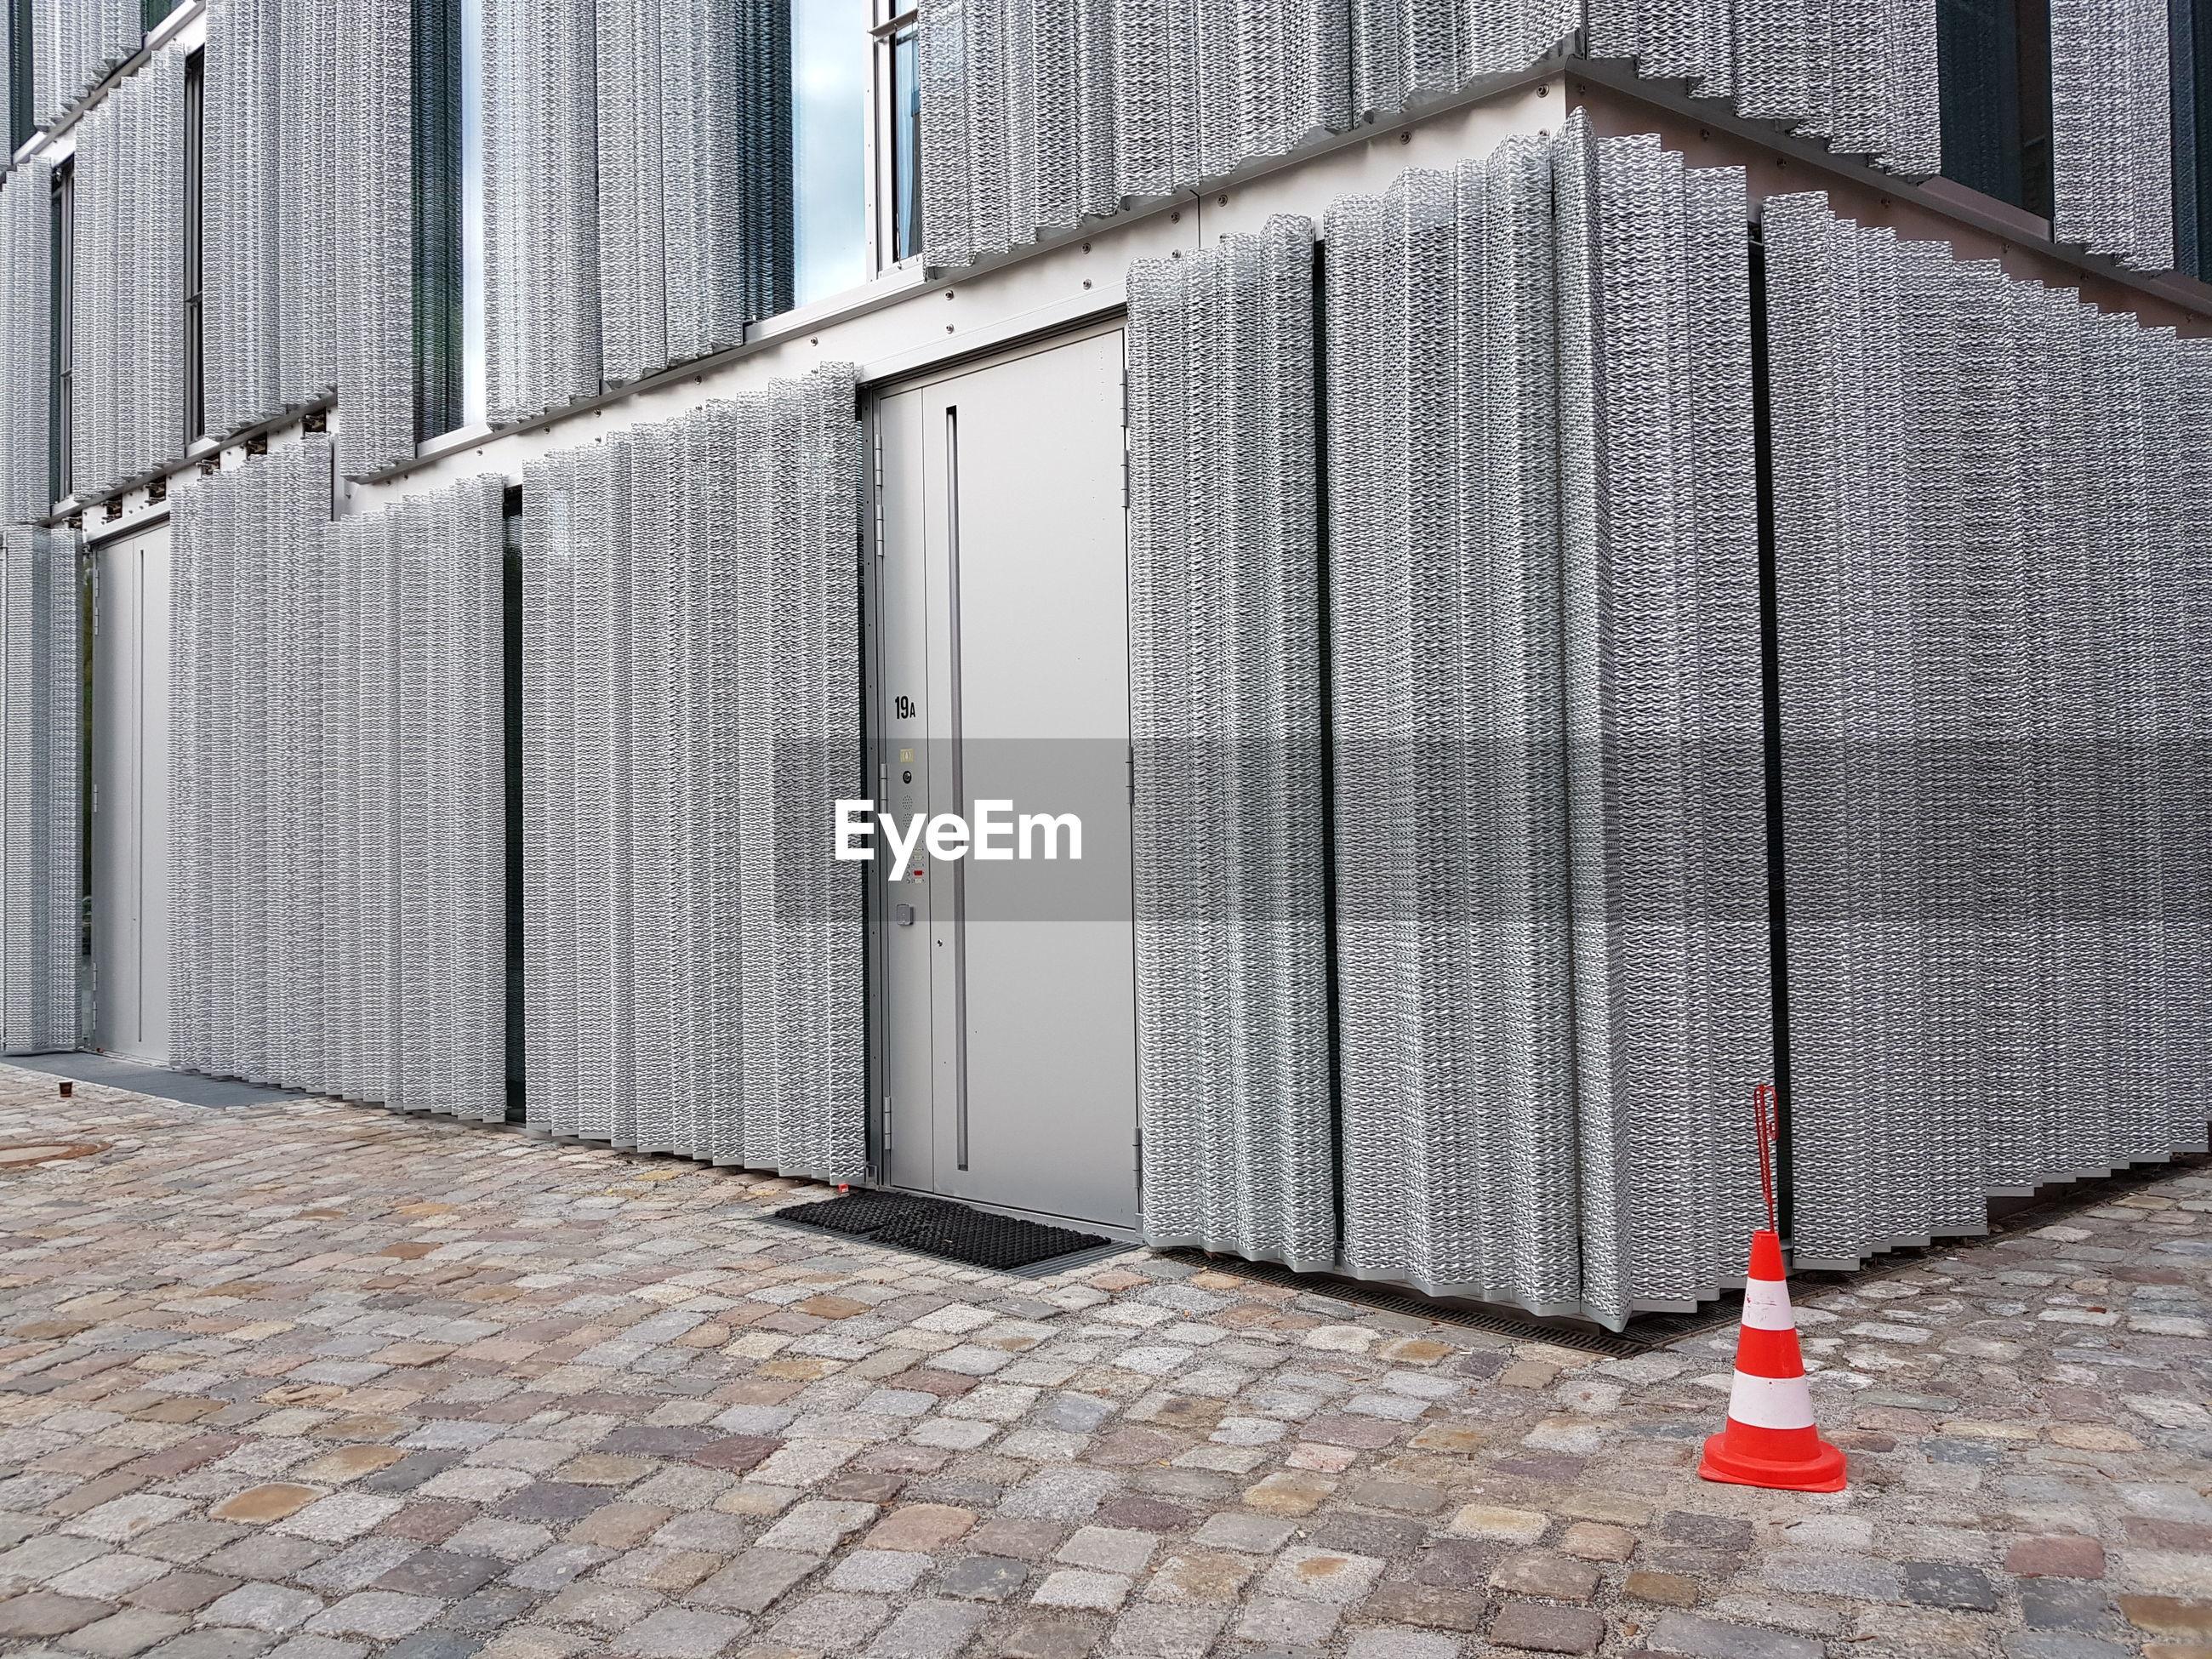 Metal facade of building